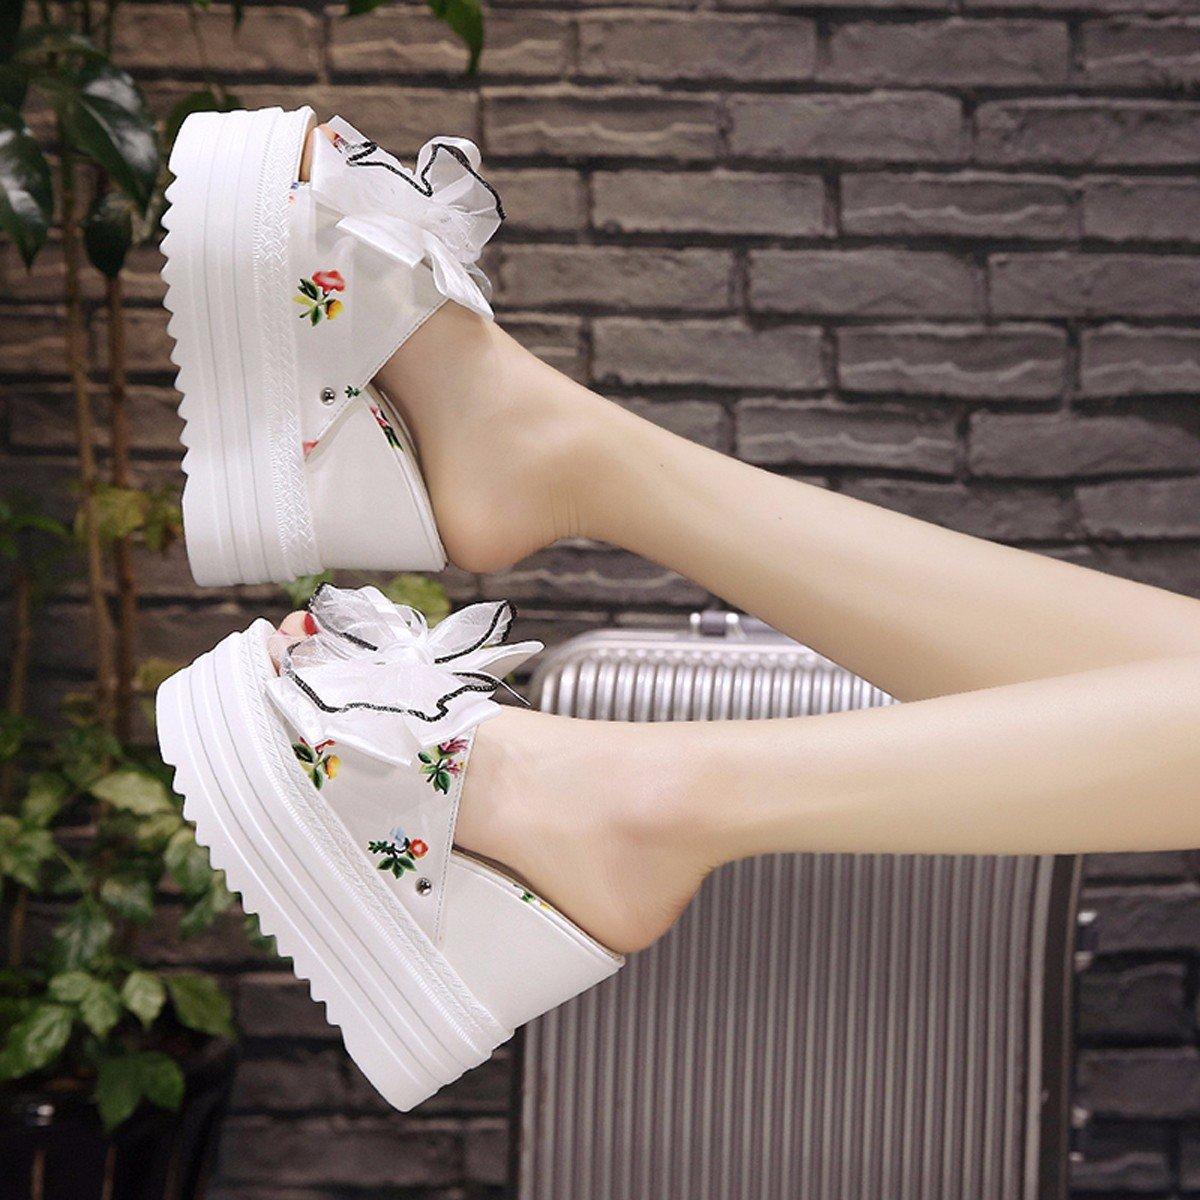 HBDLH Damenschuhe atmungsaktiv bequem Pantoffeln Frauen Sommer Wild 13Cm Mit Hohen Dicke Hintern Blaumen Wort Drag Steigung Muffin Coole Schuhe.